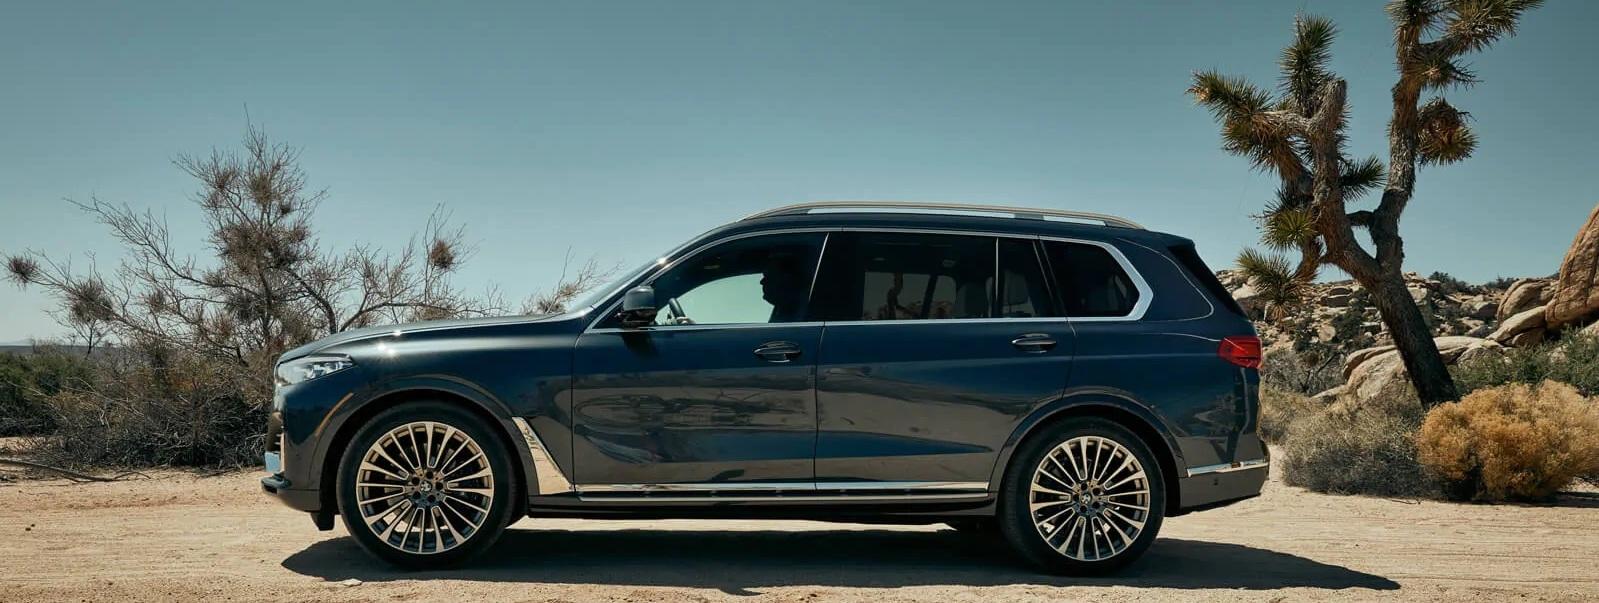 2020 BMW X7 Financing near Dallas, TX